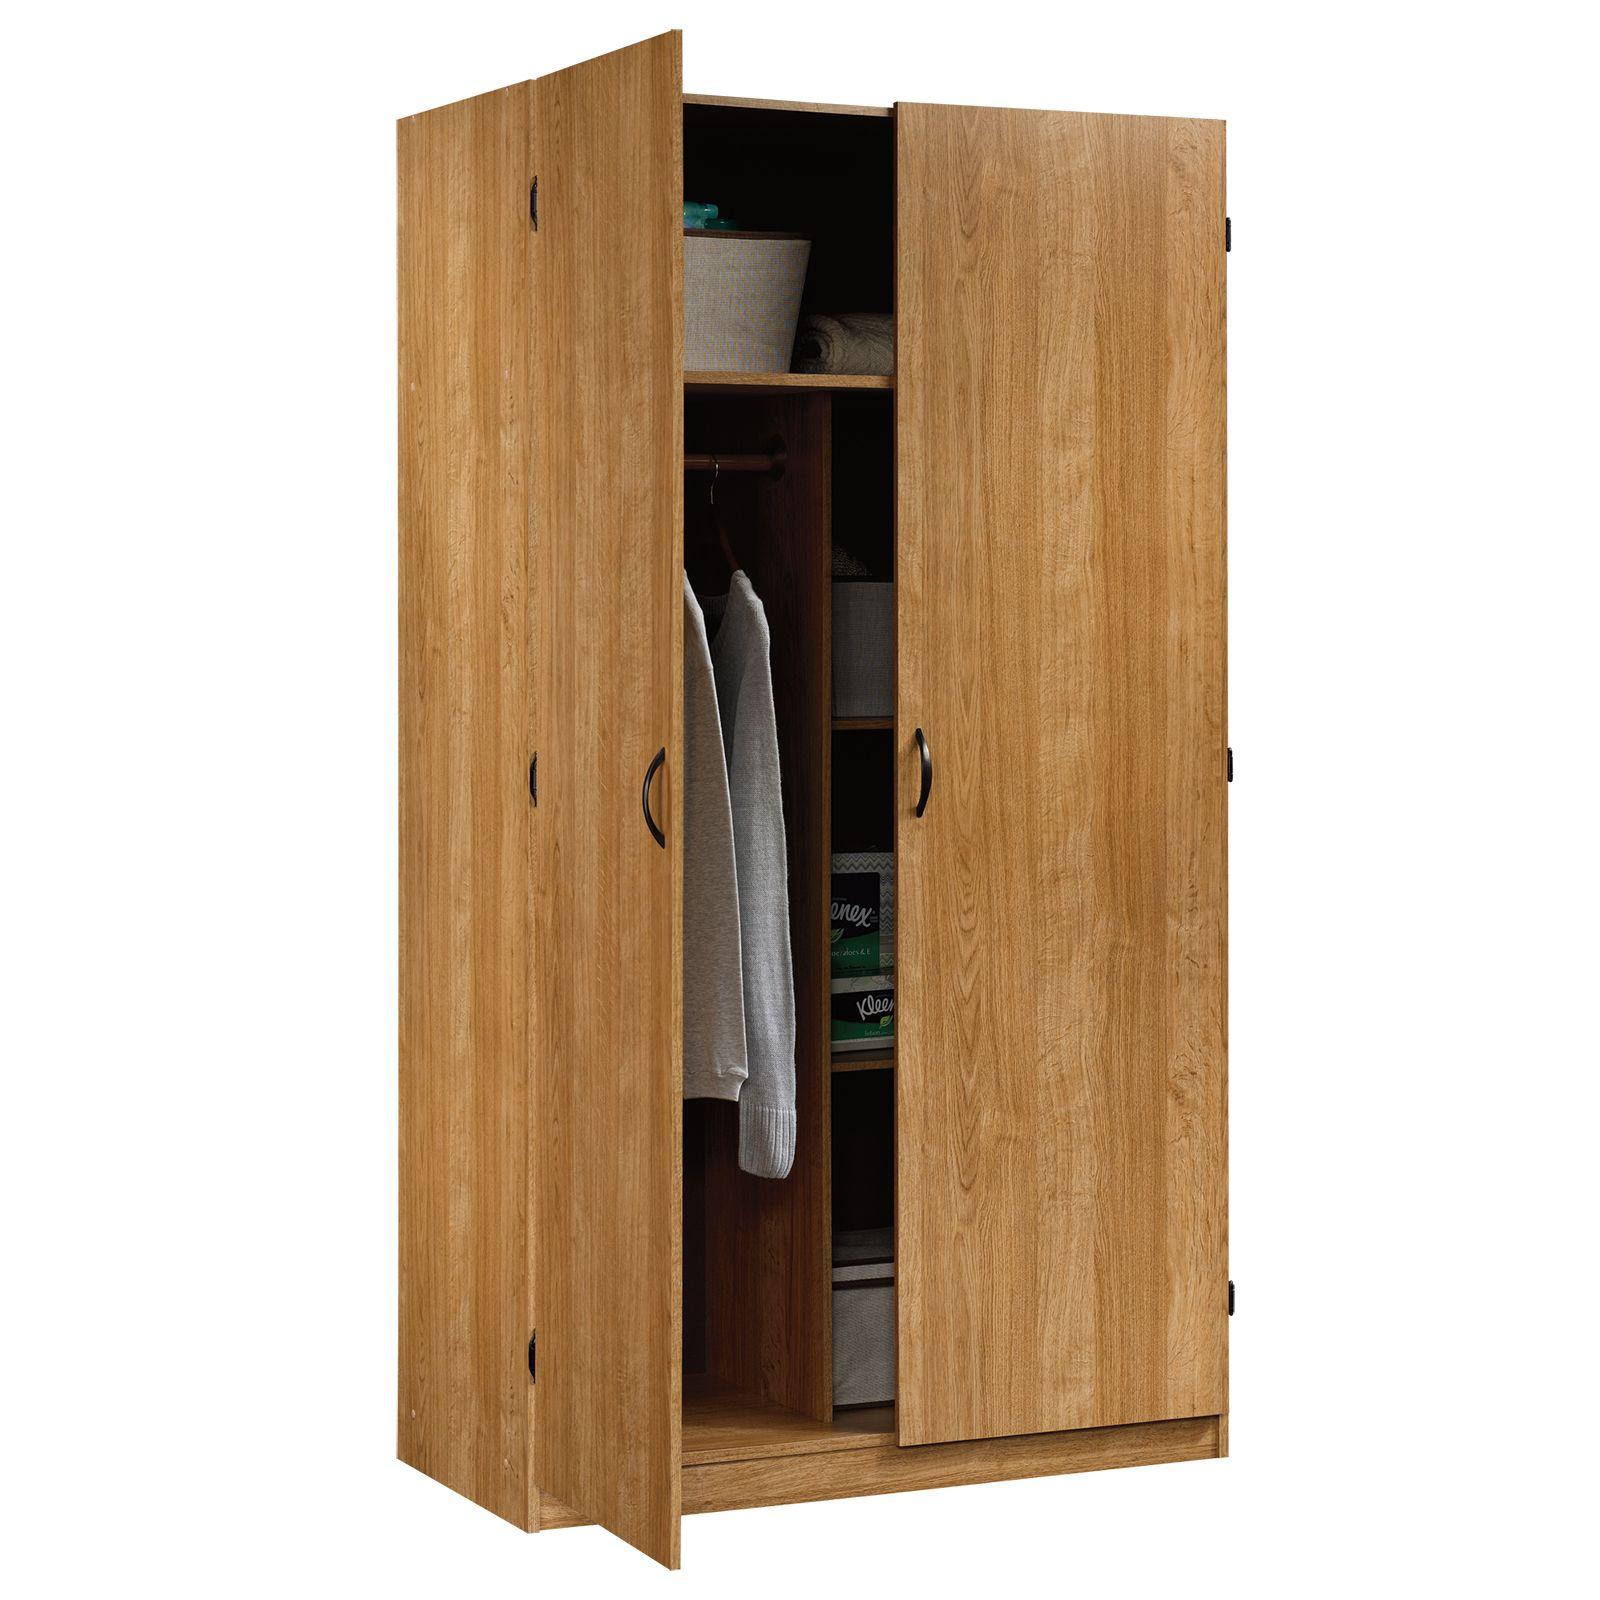 Merveilleux Adorable Wardrobe Storage Cabinet Designer Ideas